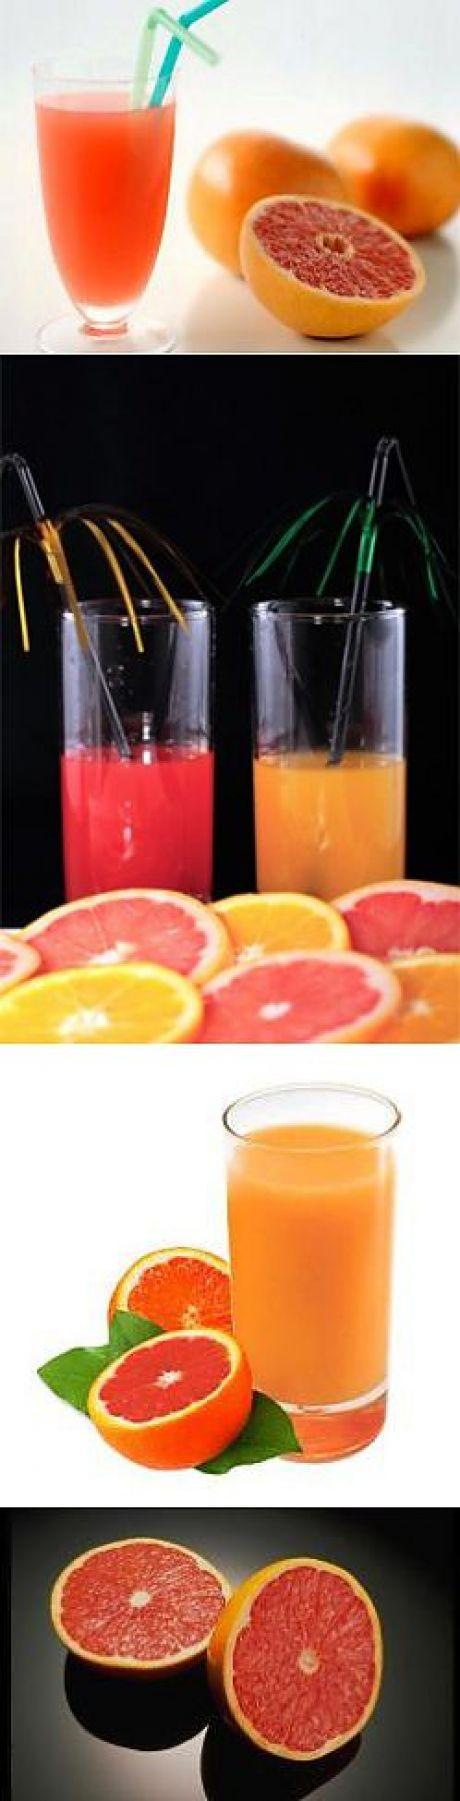 Грейпфрут при беременности - польза и вред